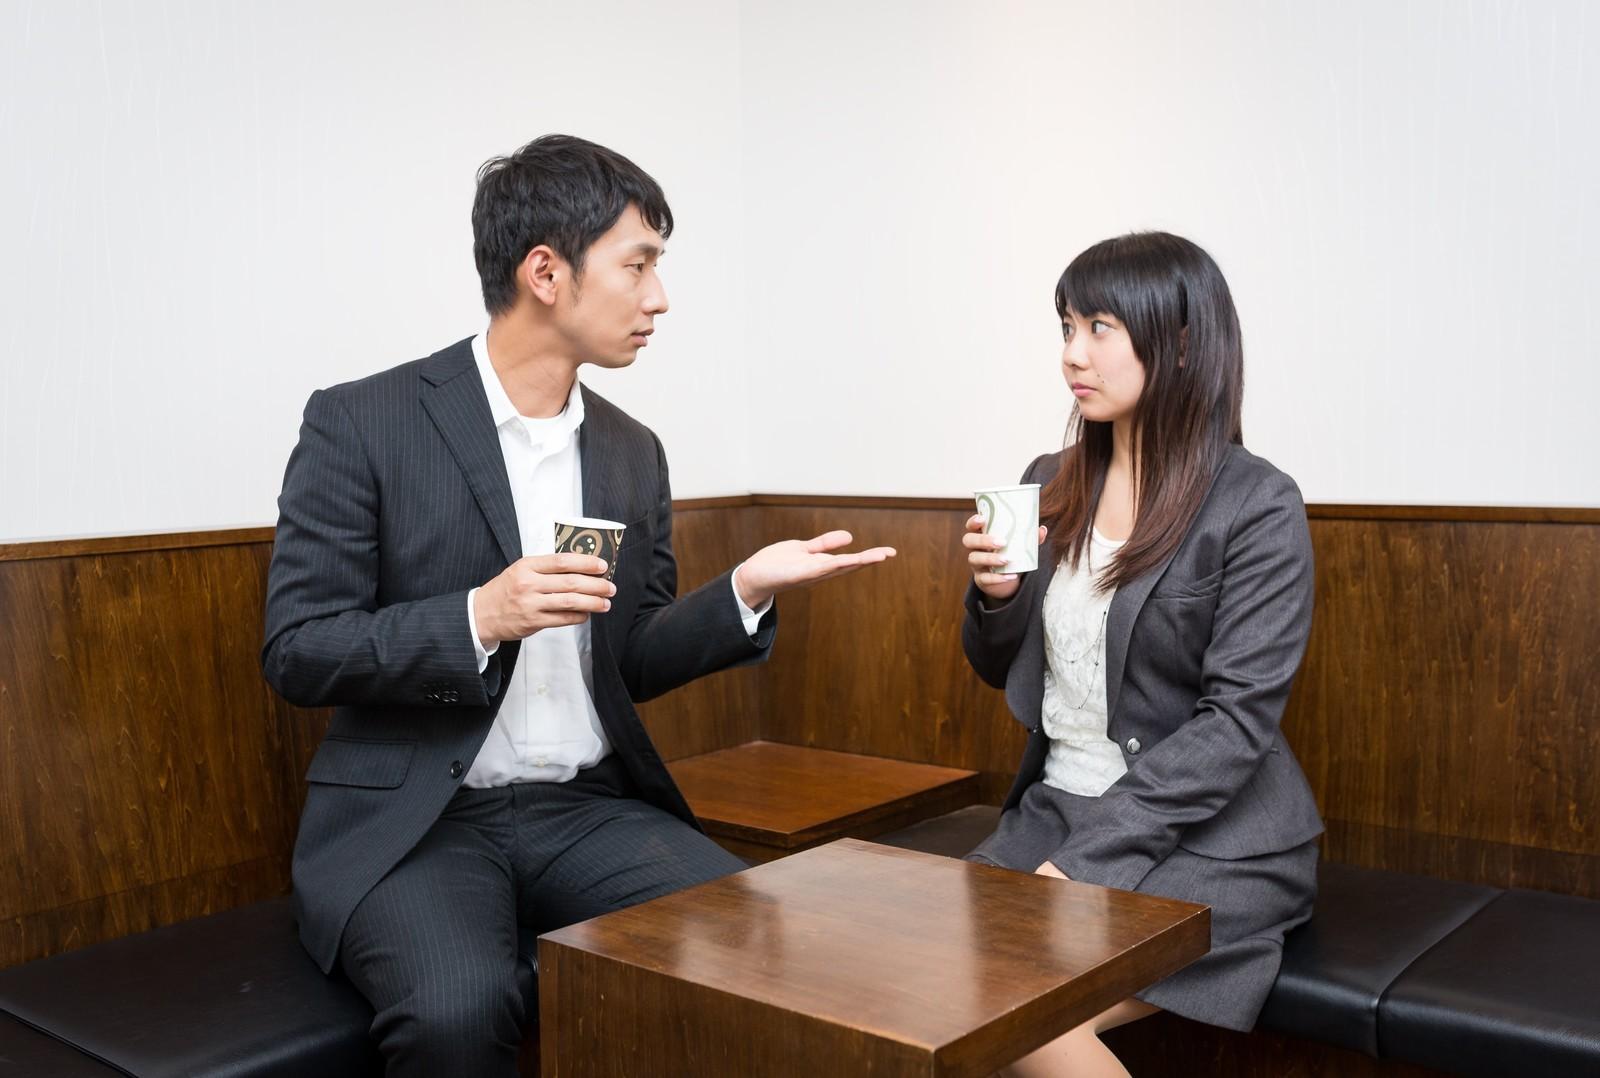 ありえない男と出会った婚活エピソード「食事代を後から請求してきた男」